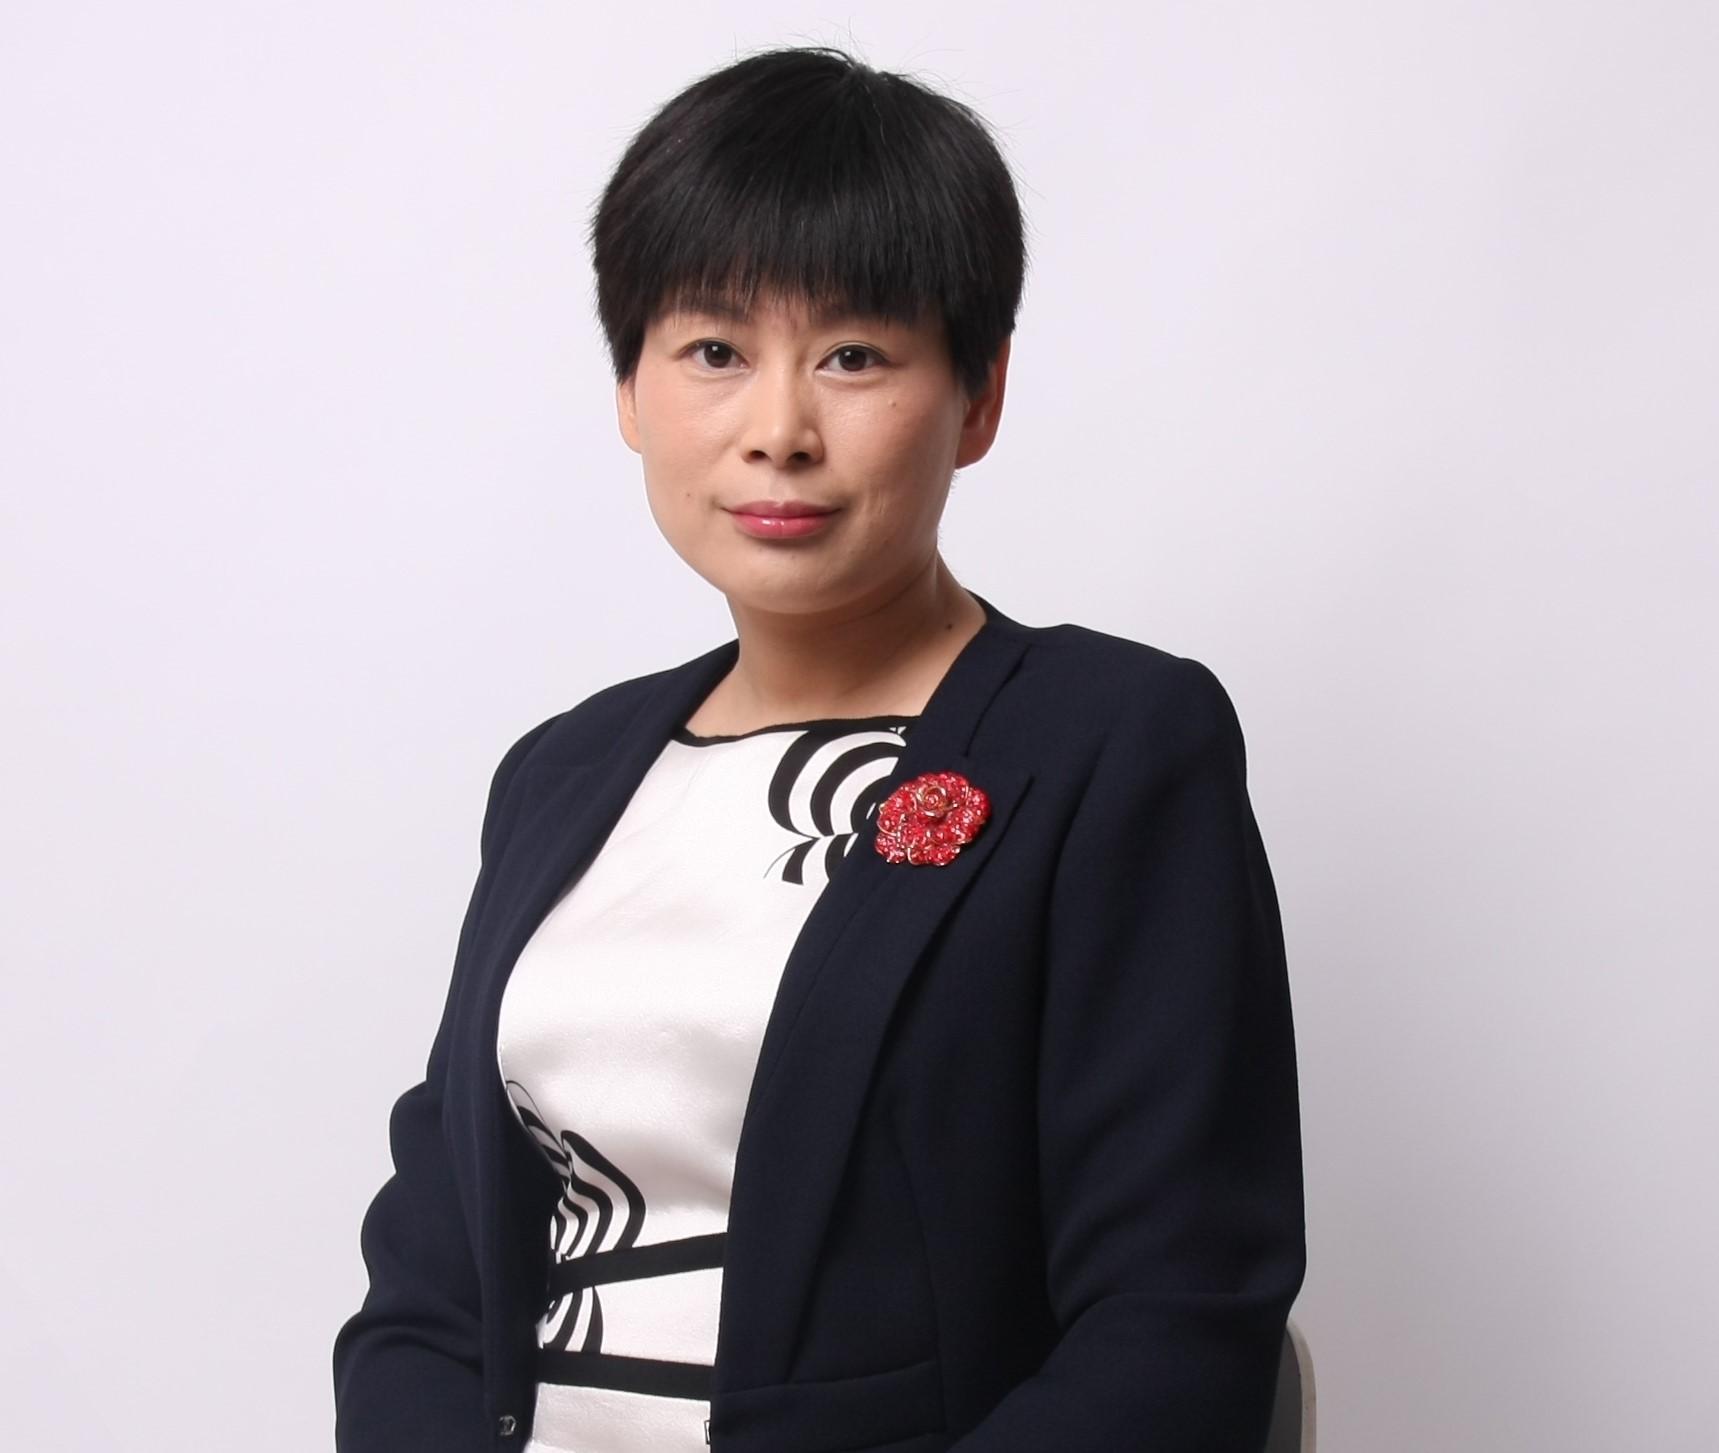 Gloria Xu 1 - Gloria Xu